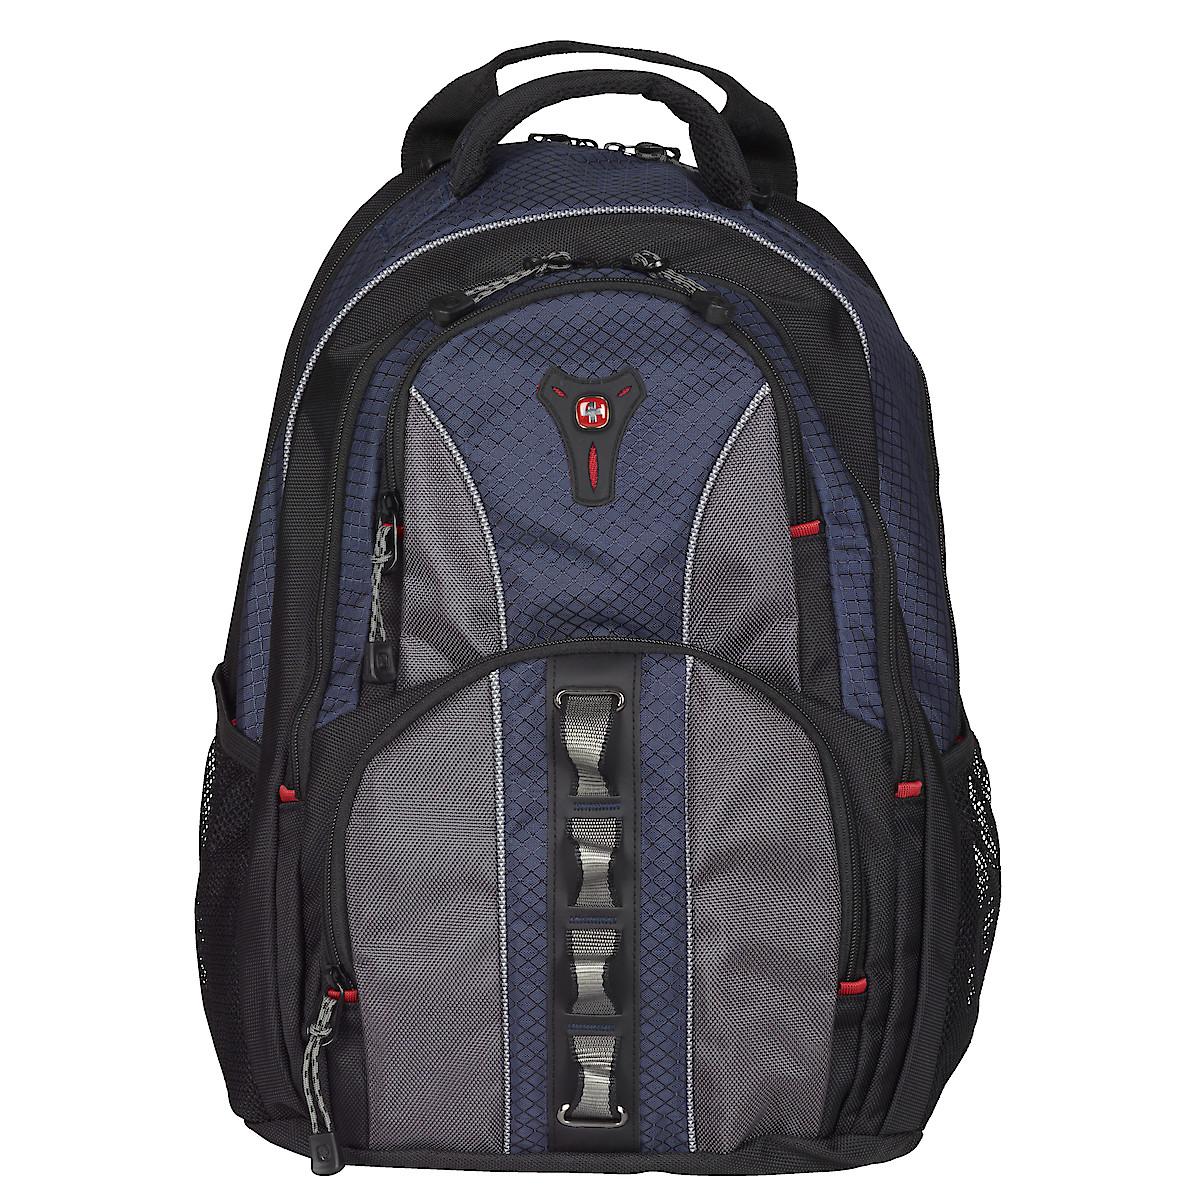 Laptopryggsäck 15,6